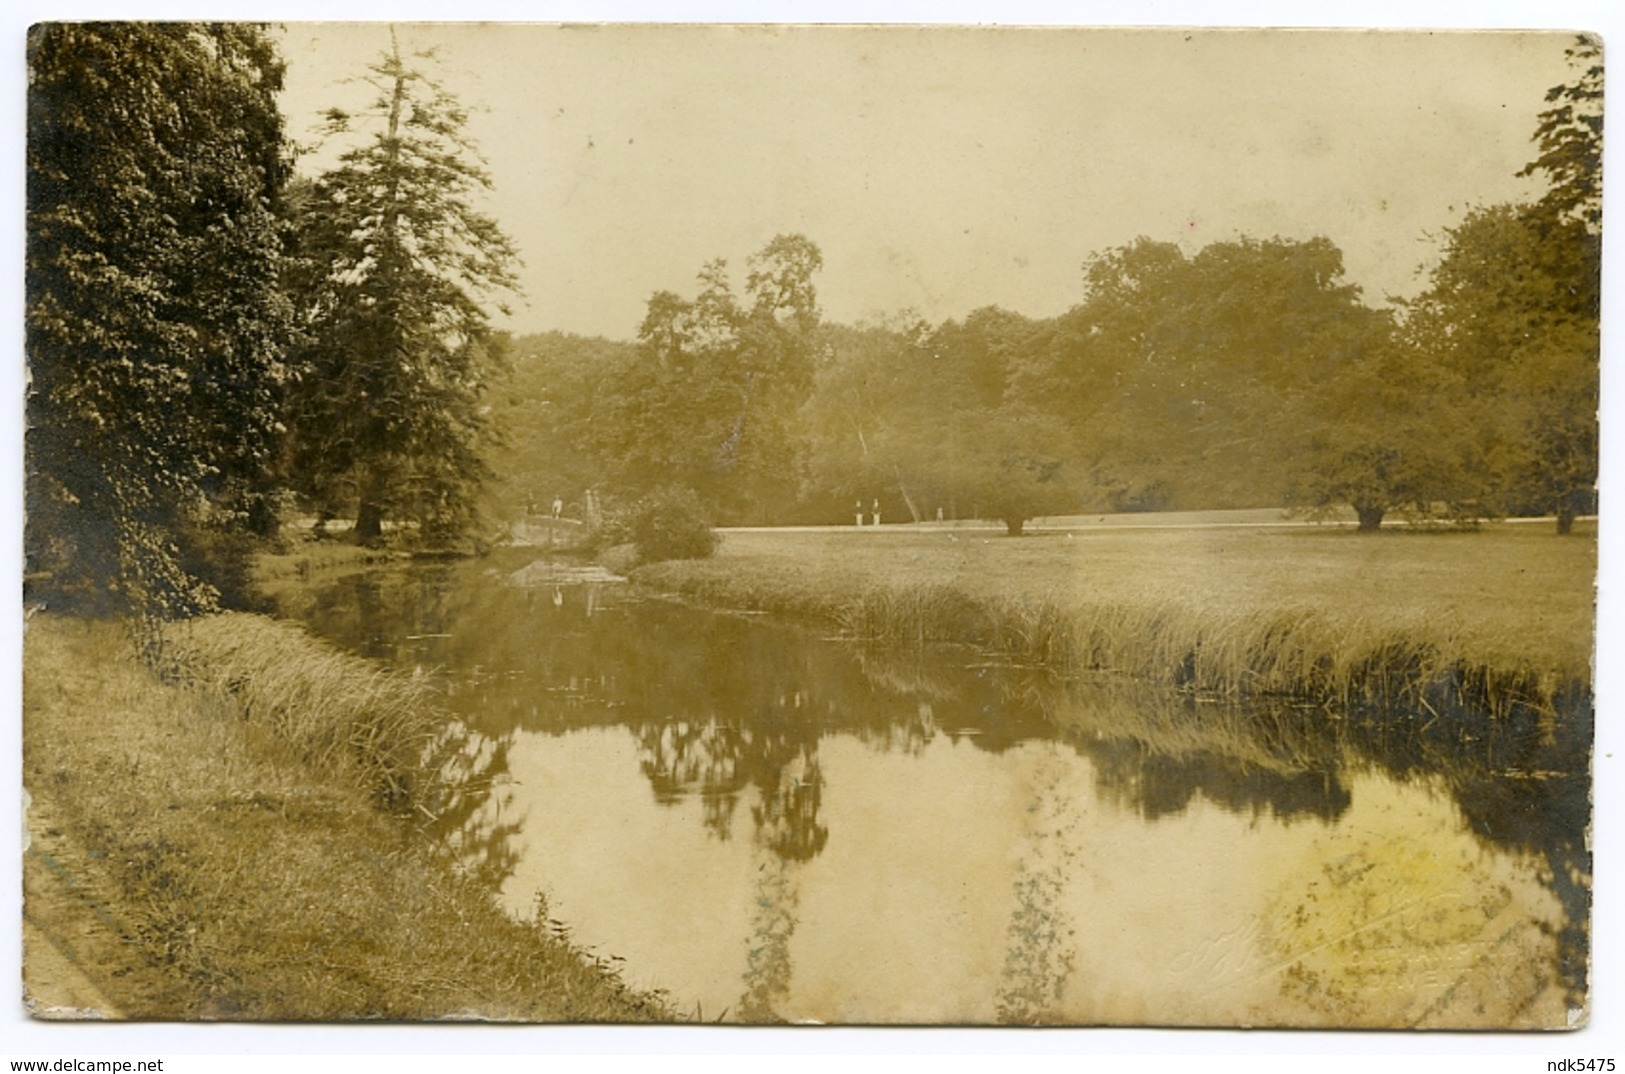 NORTHAMPTONSHIRE : SULBY / POSTMARK - WELFORD (SINGLE CIRCLE) - Northamptonshire